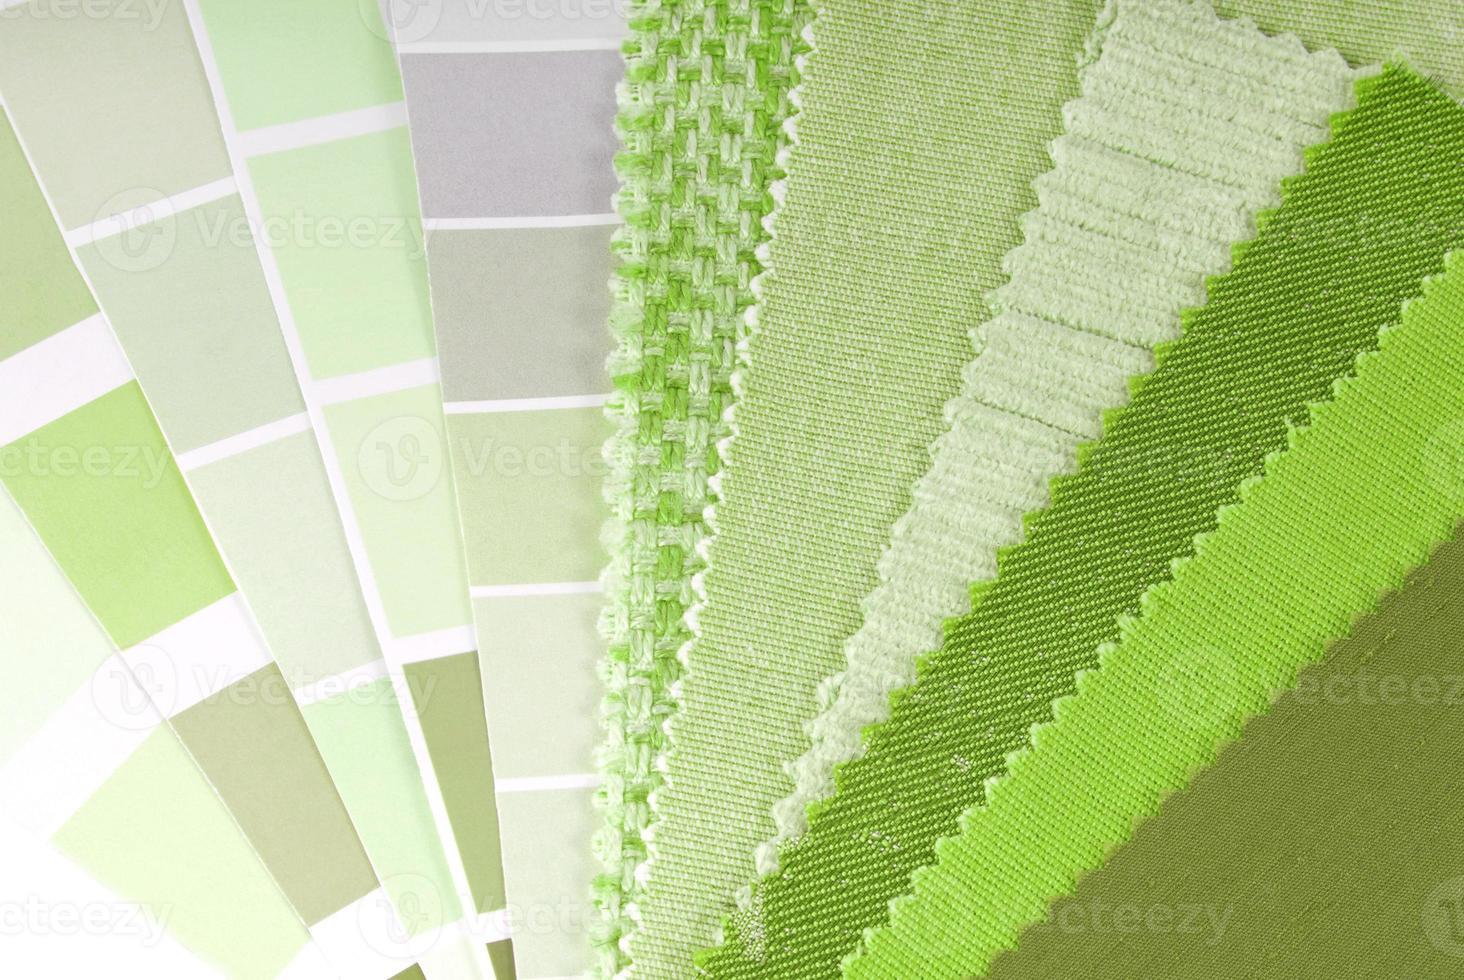 bekleding, gordijn en kleurkeuze voor interieur foto